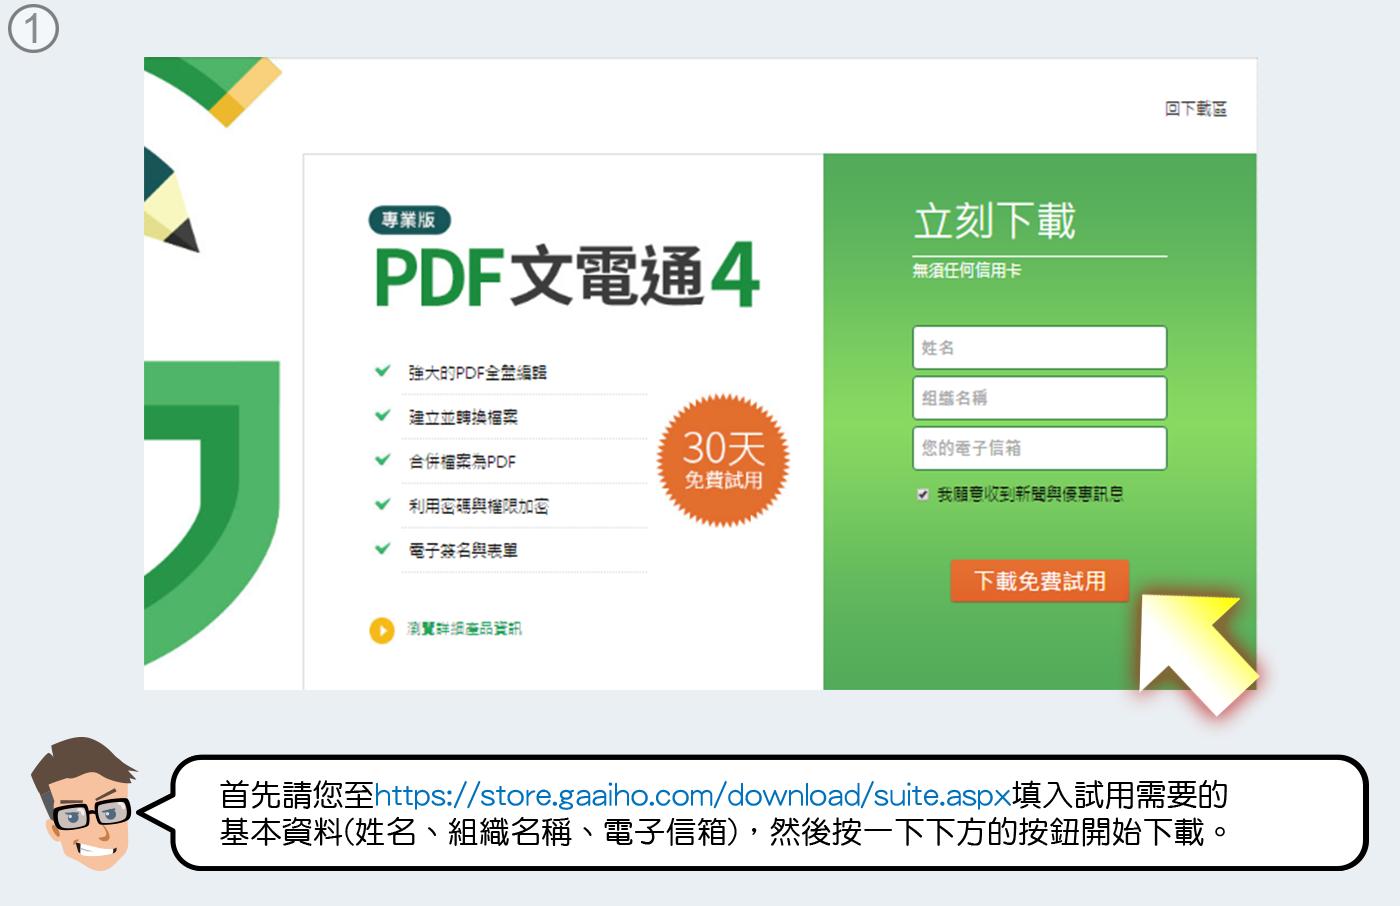 下載PDF文電通4專業試用版